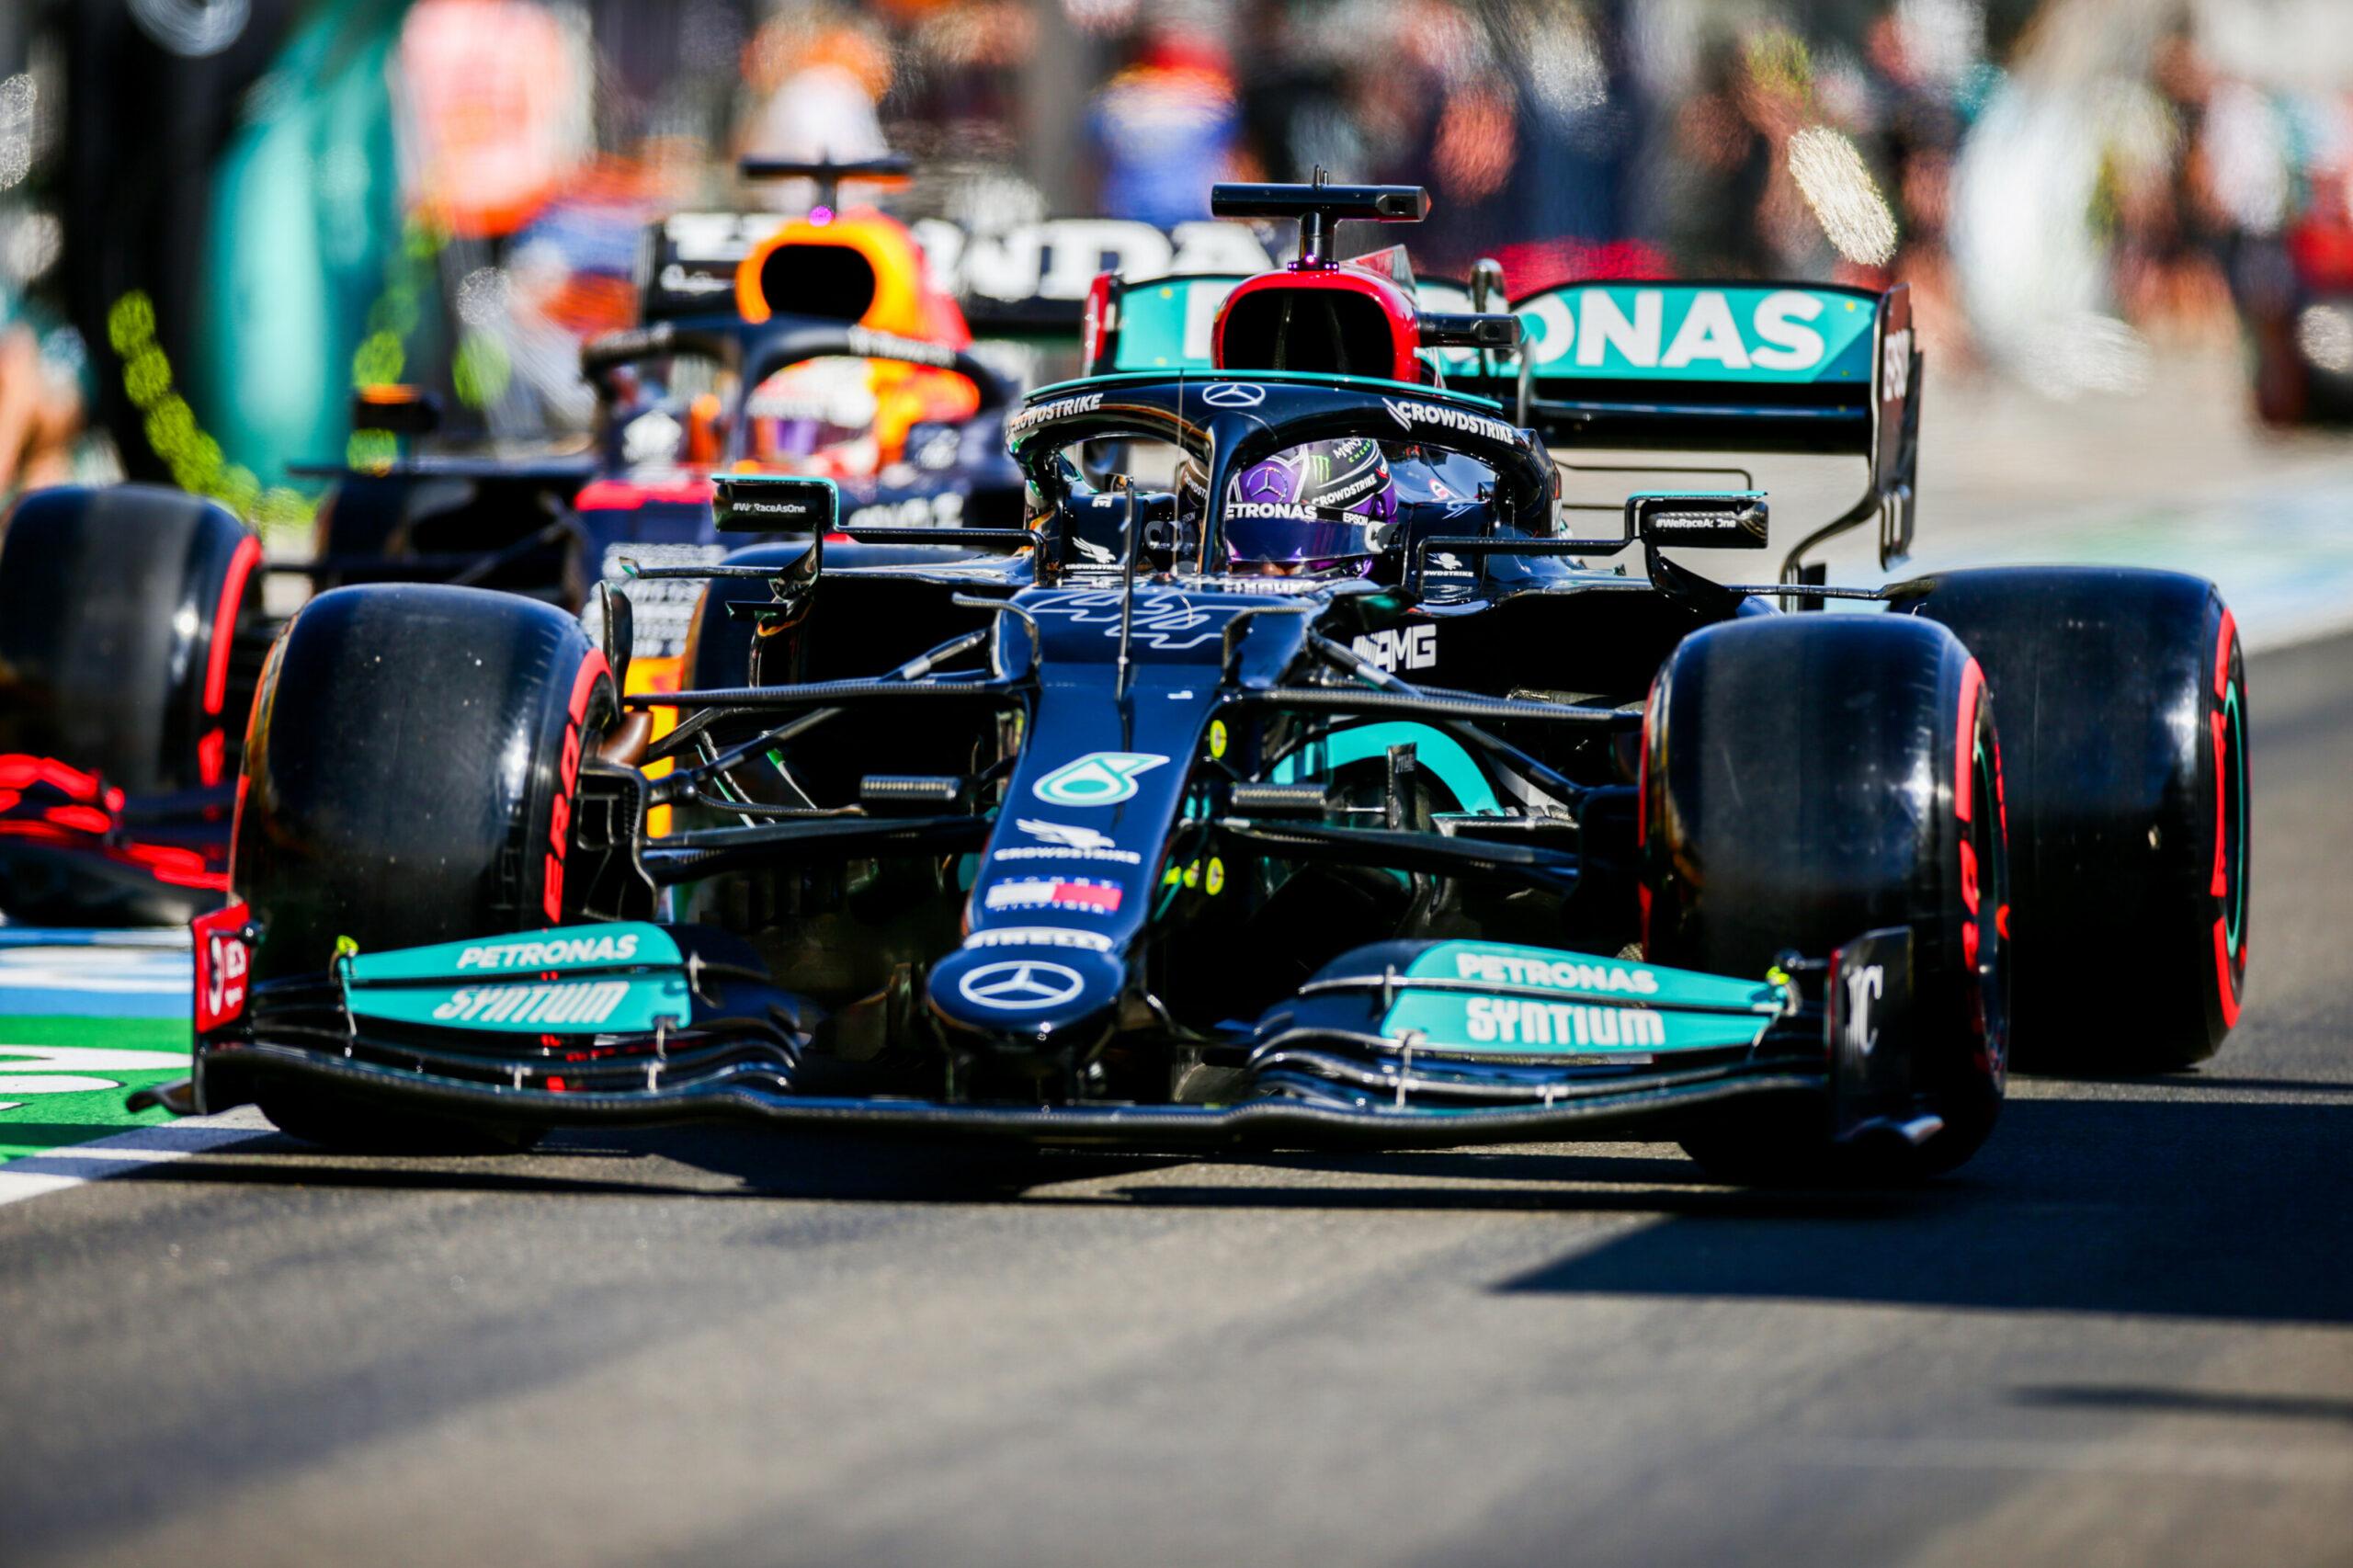 F1 - Les classements F1 2021 après le GP de Hongrie